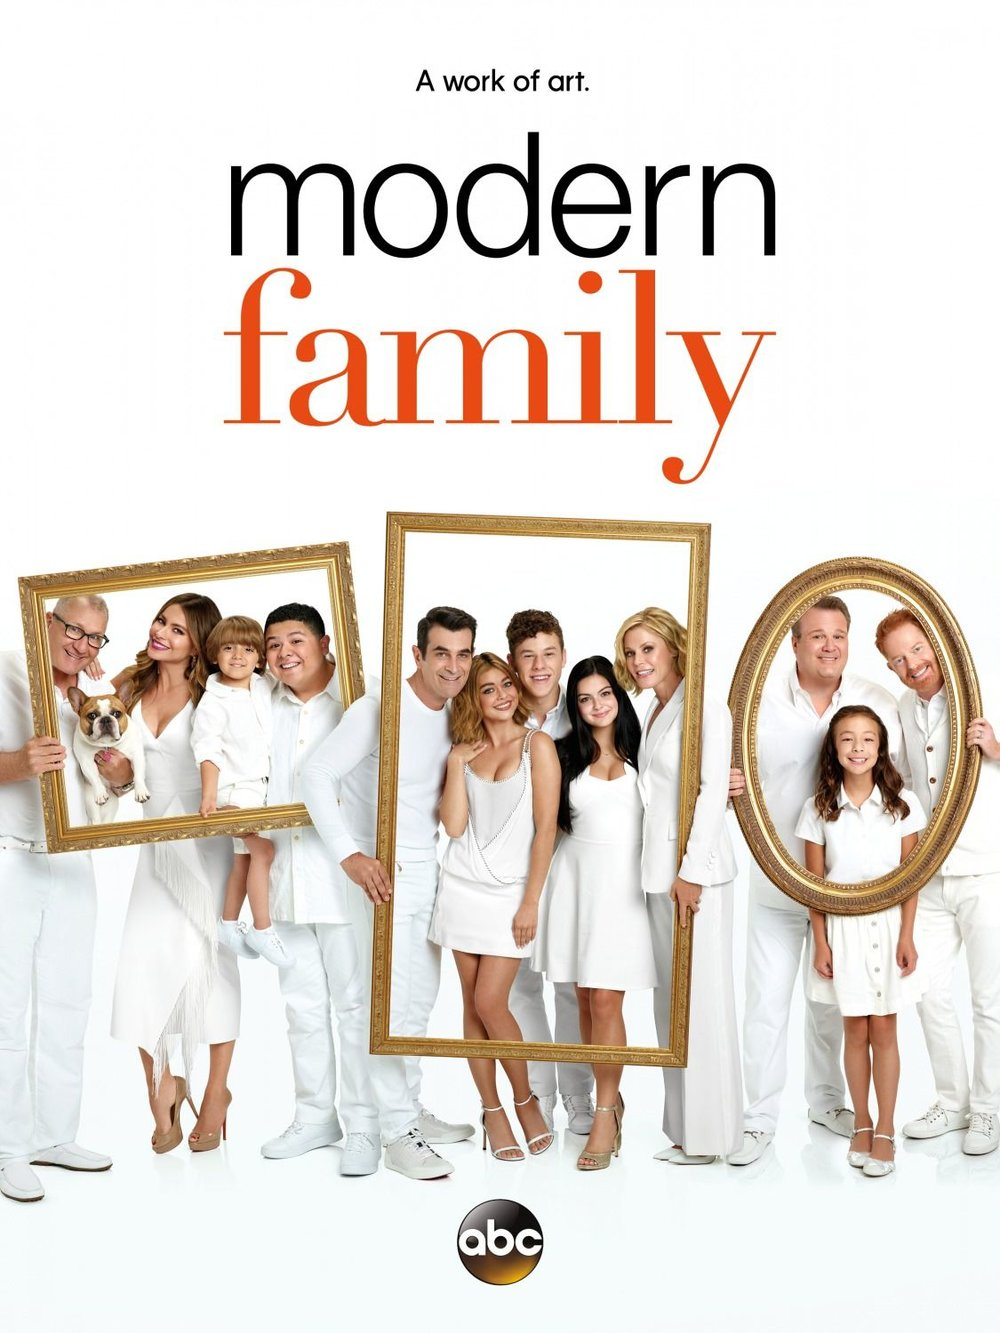 Modern_Family_S8_Poster-2.jpg